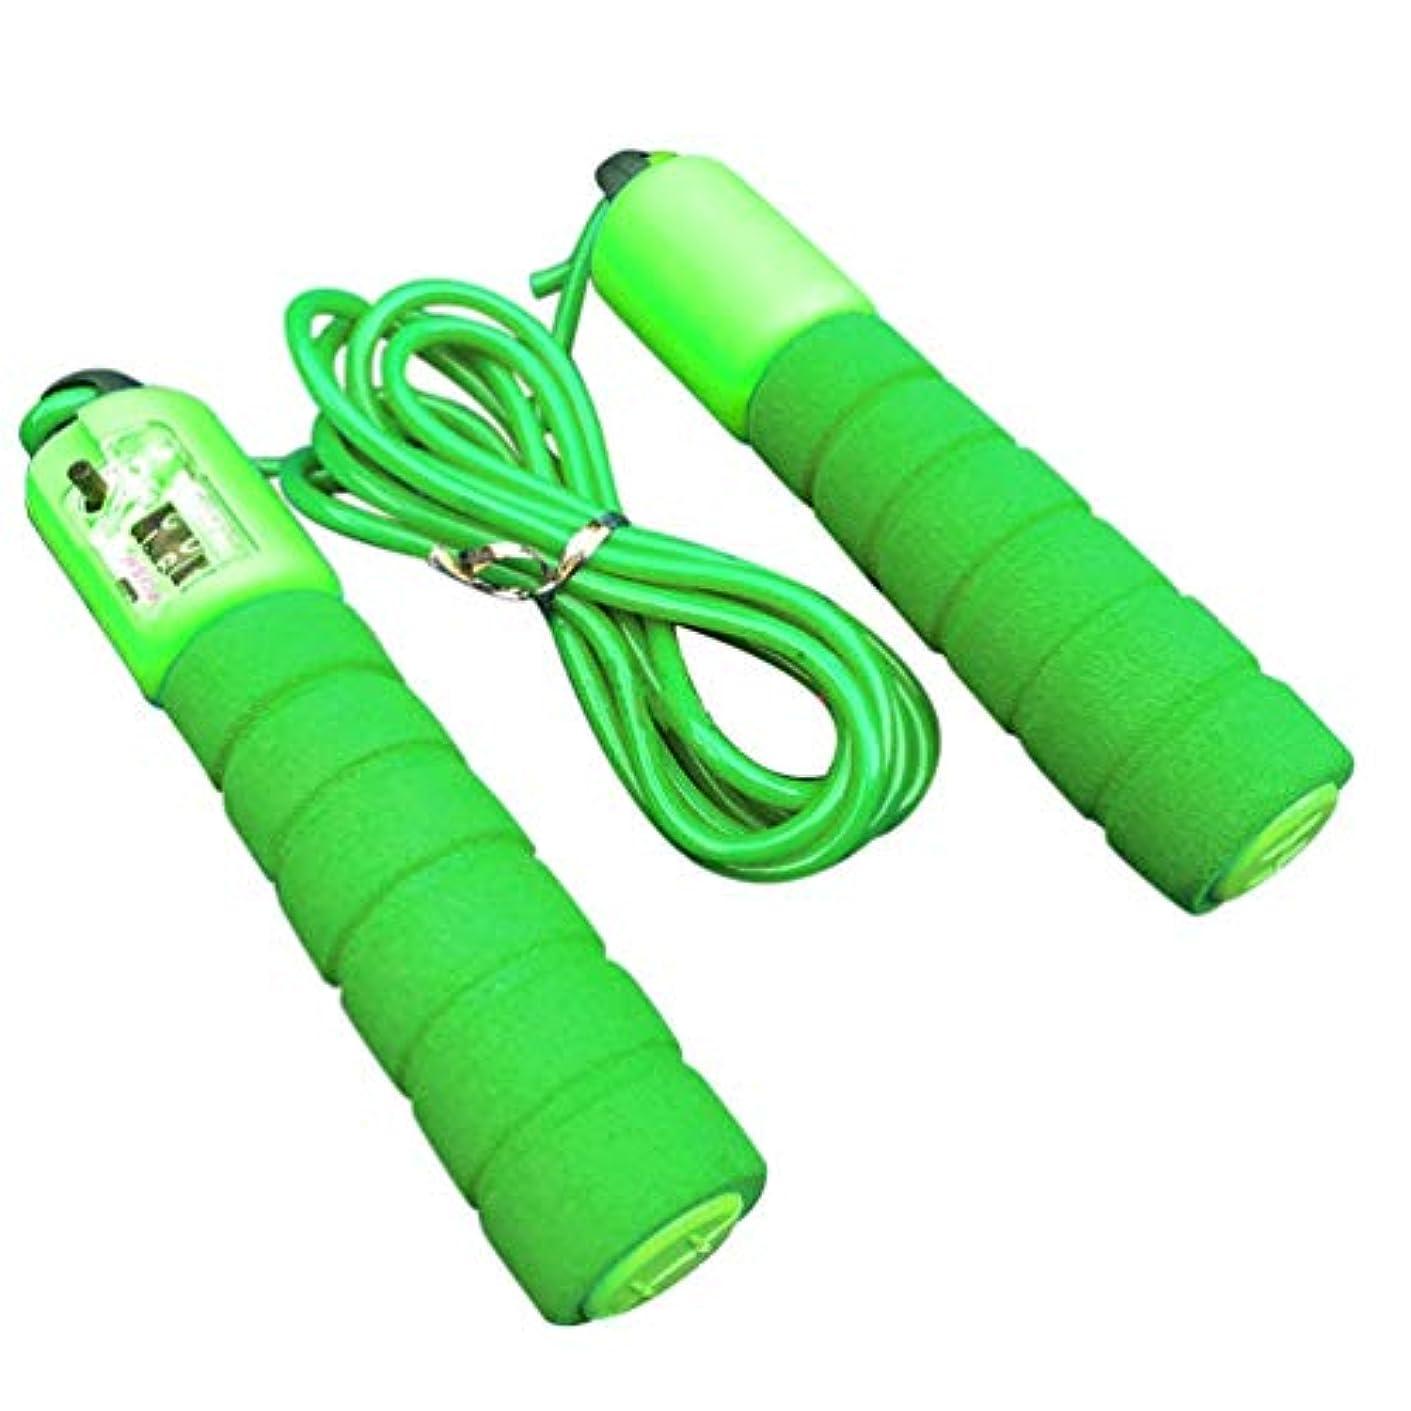 ゴシップ治すリス調節可能なプロフェッショナルカウント縄跳び自動カウントジャンプロープフィットネス運動高速カウントジャンプロープ - グリーン